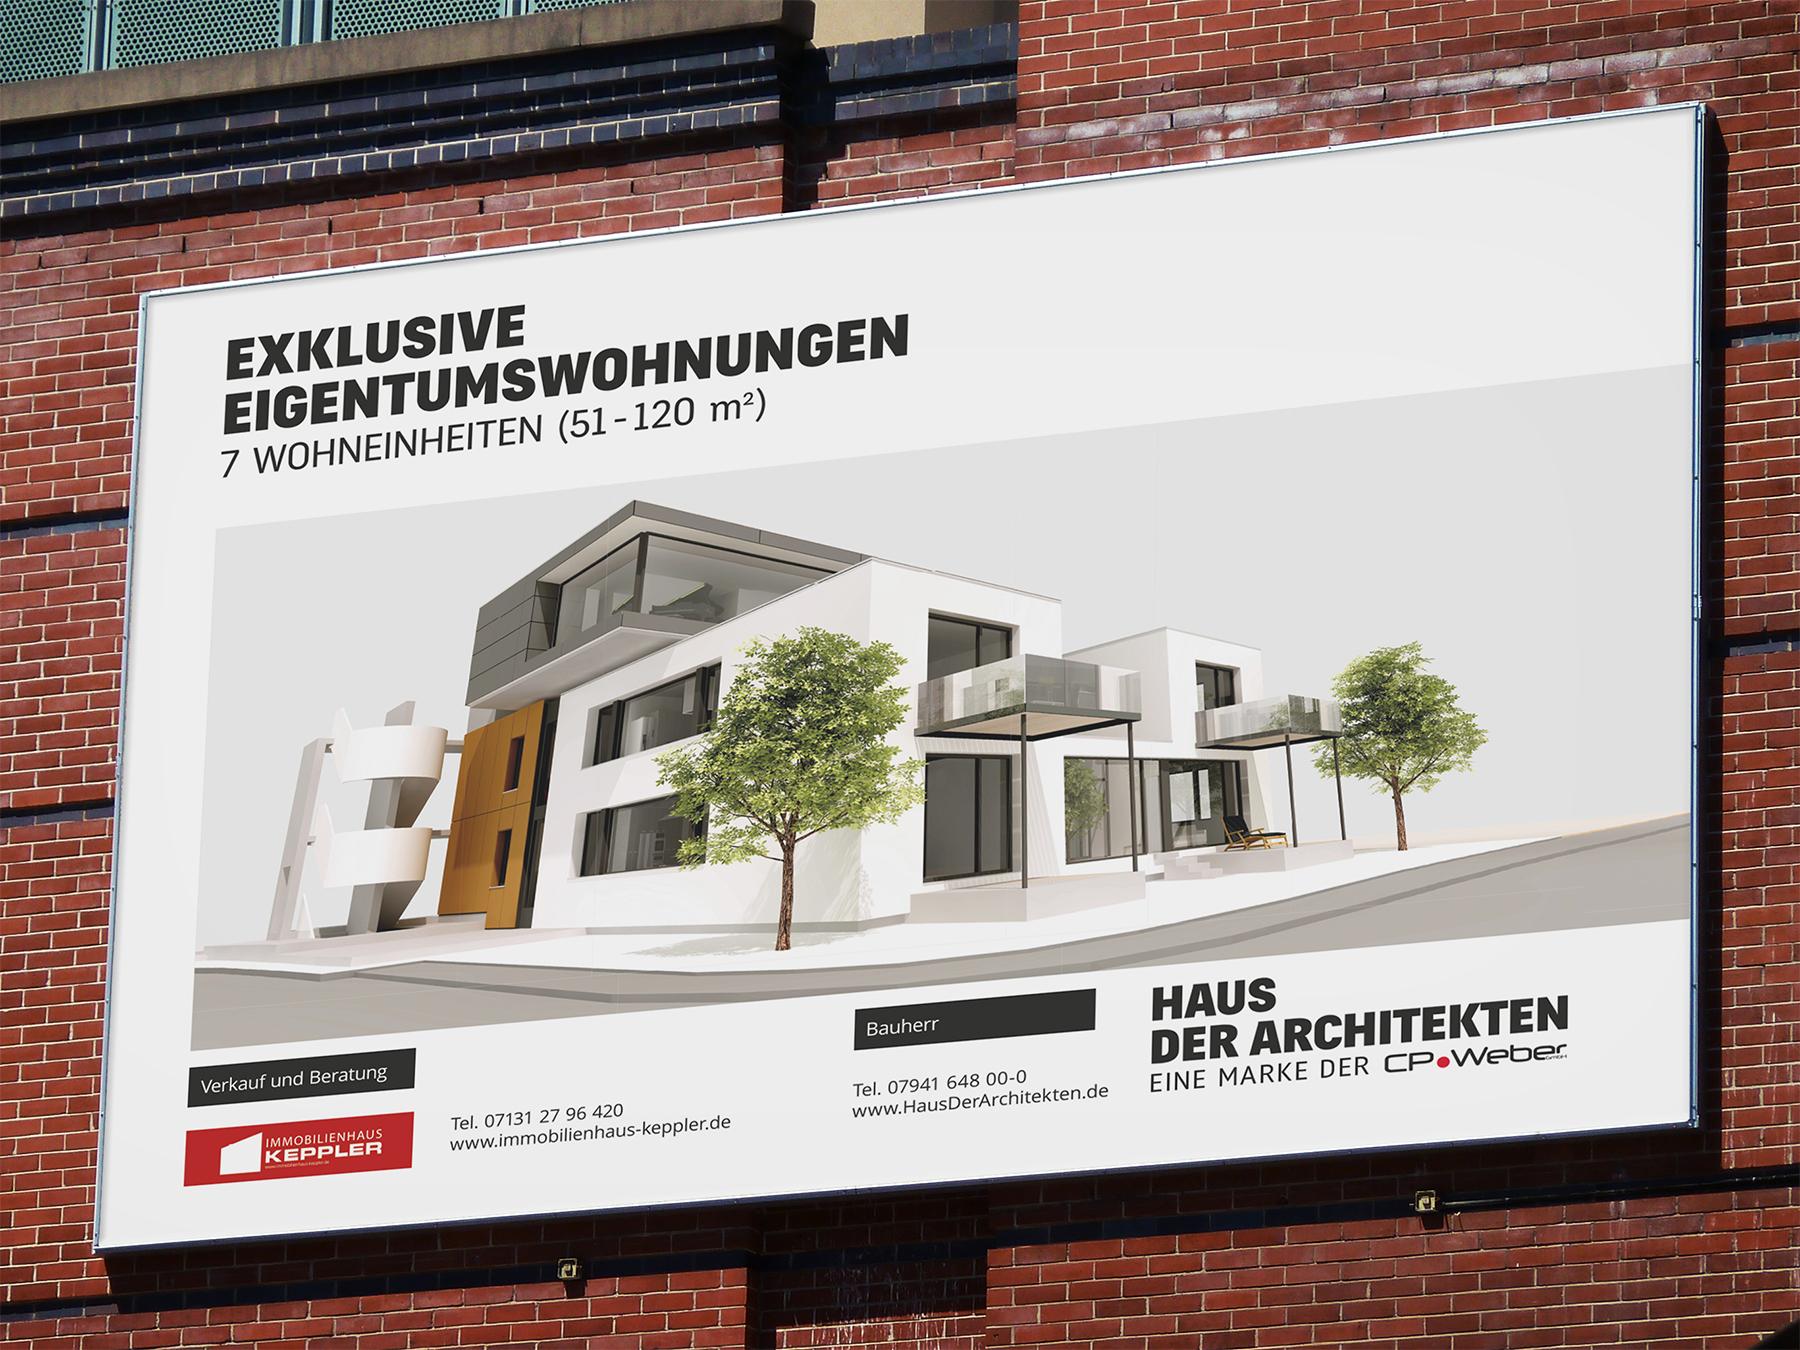 Bautafel | Haus der Architekten